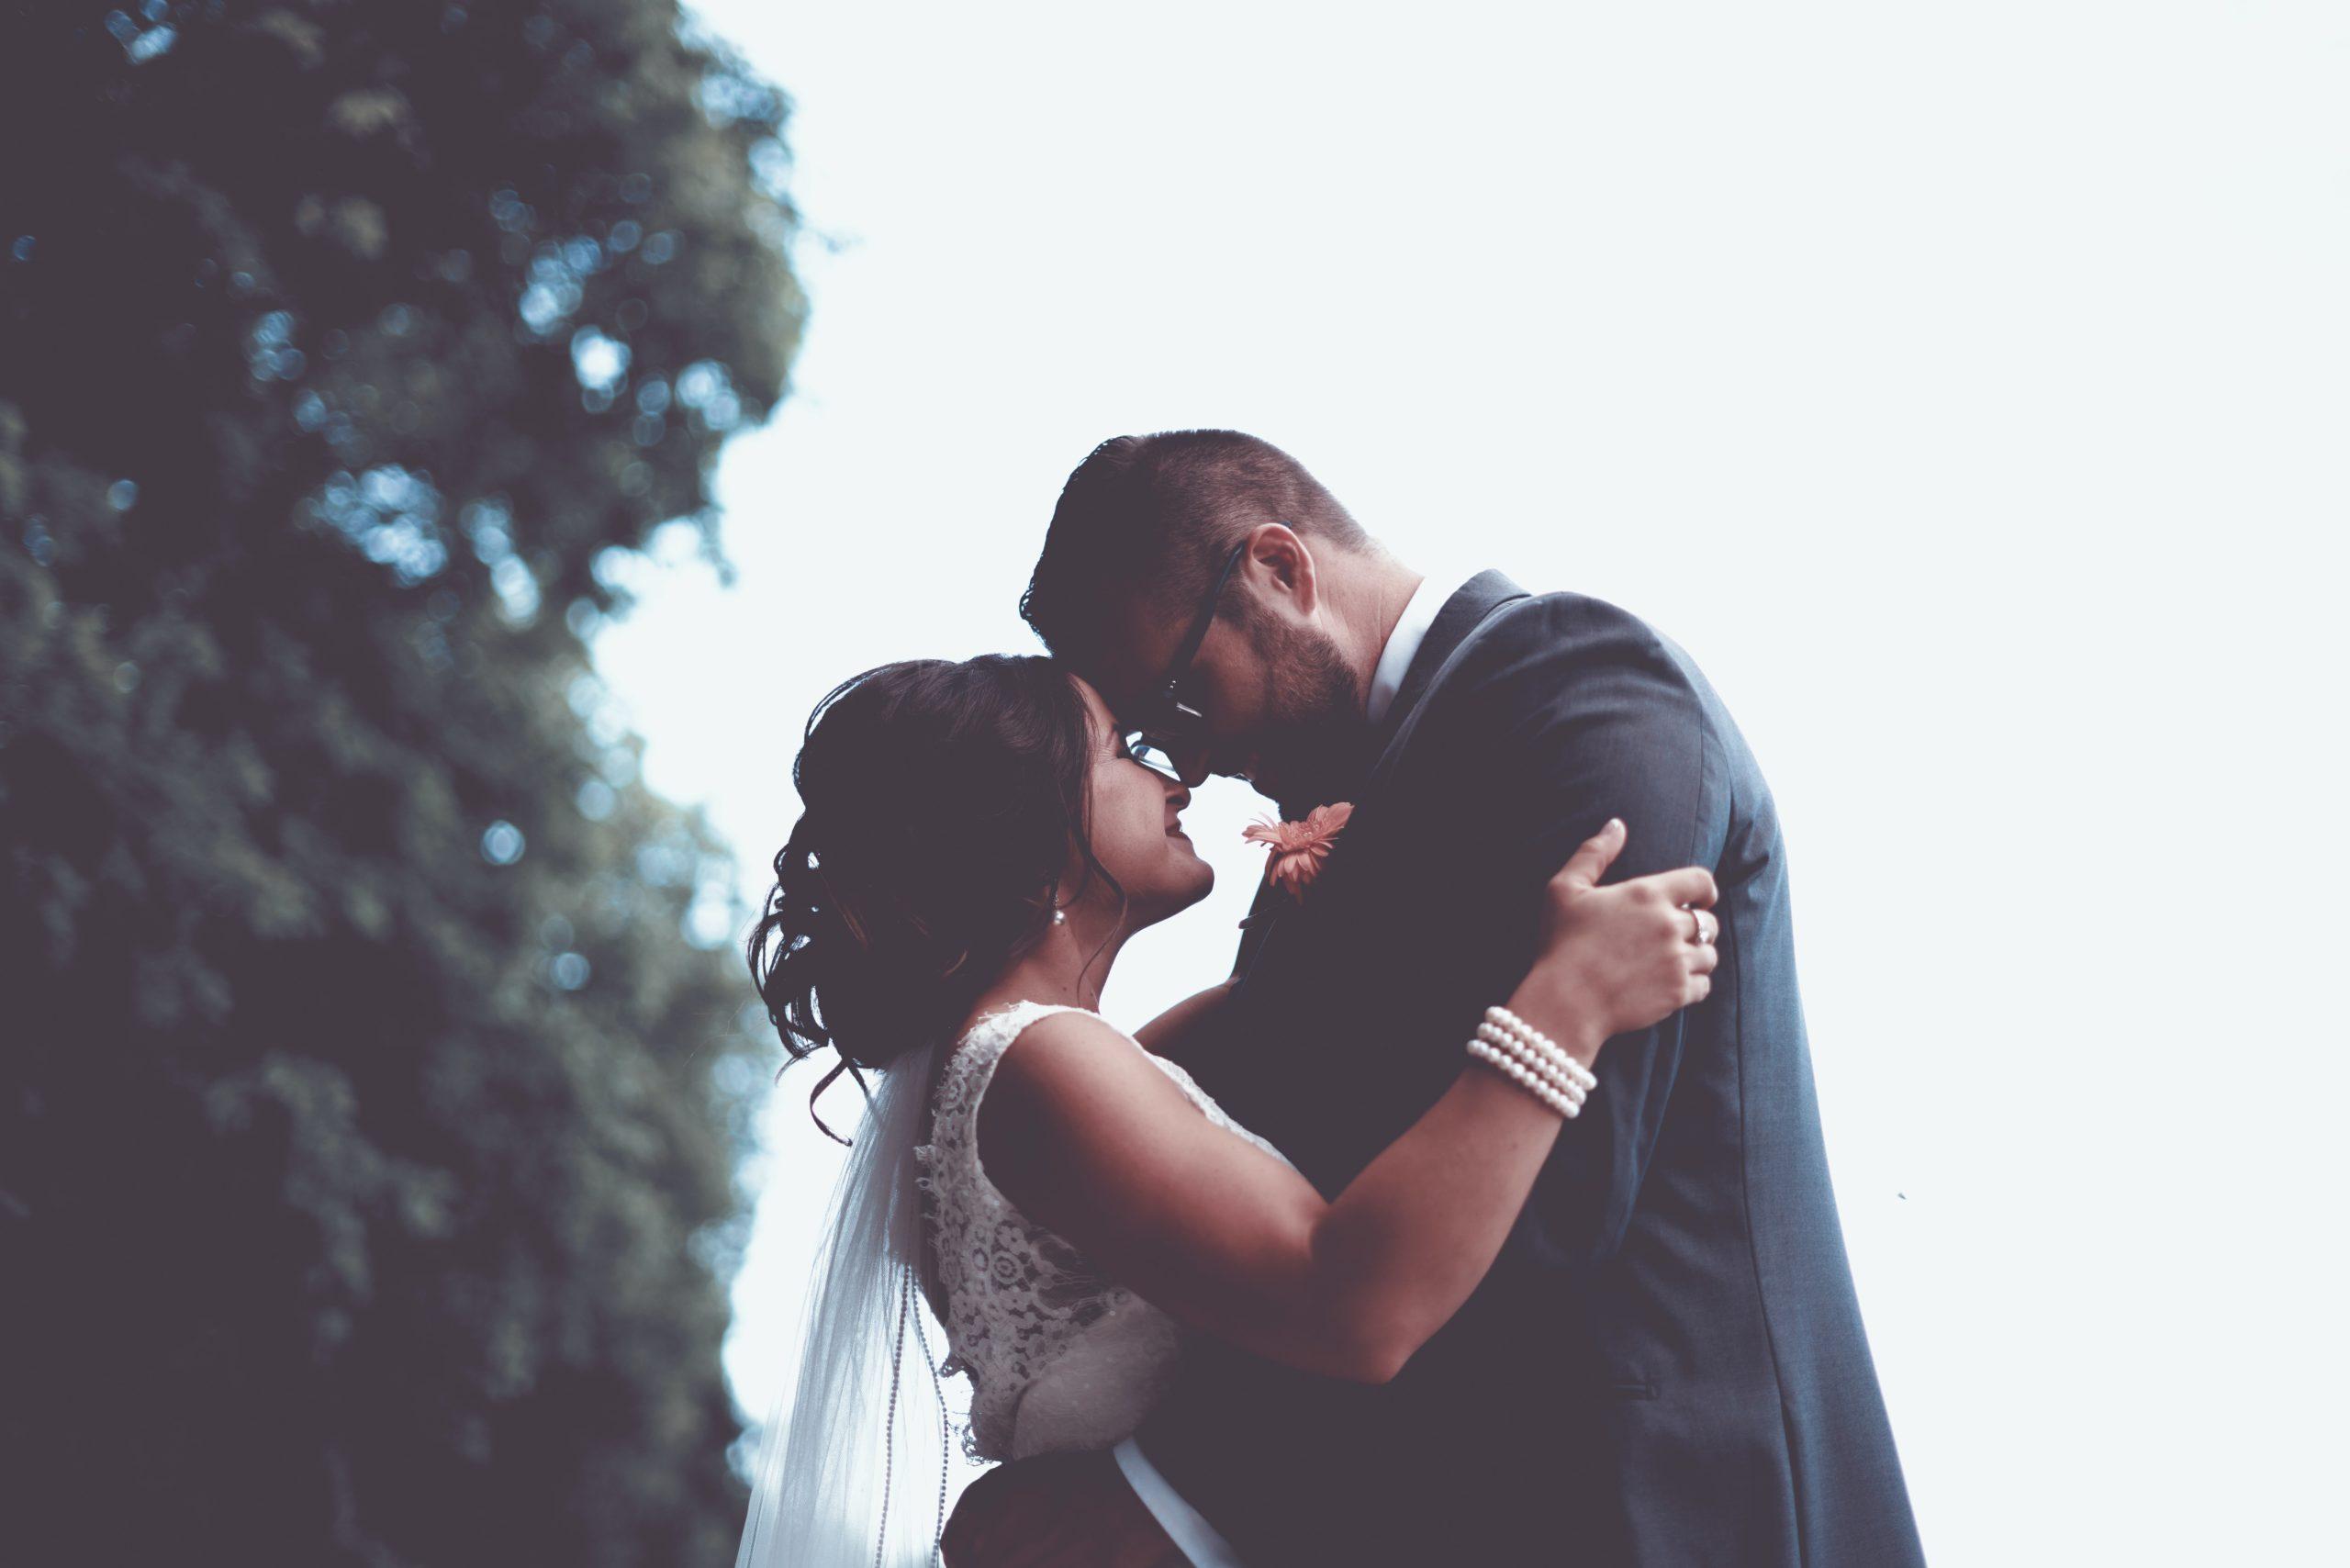 【交際前のキス特集】付き合う前にする男女の心理・恋愛に発展するか・アプローチ法